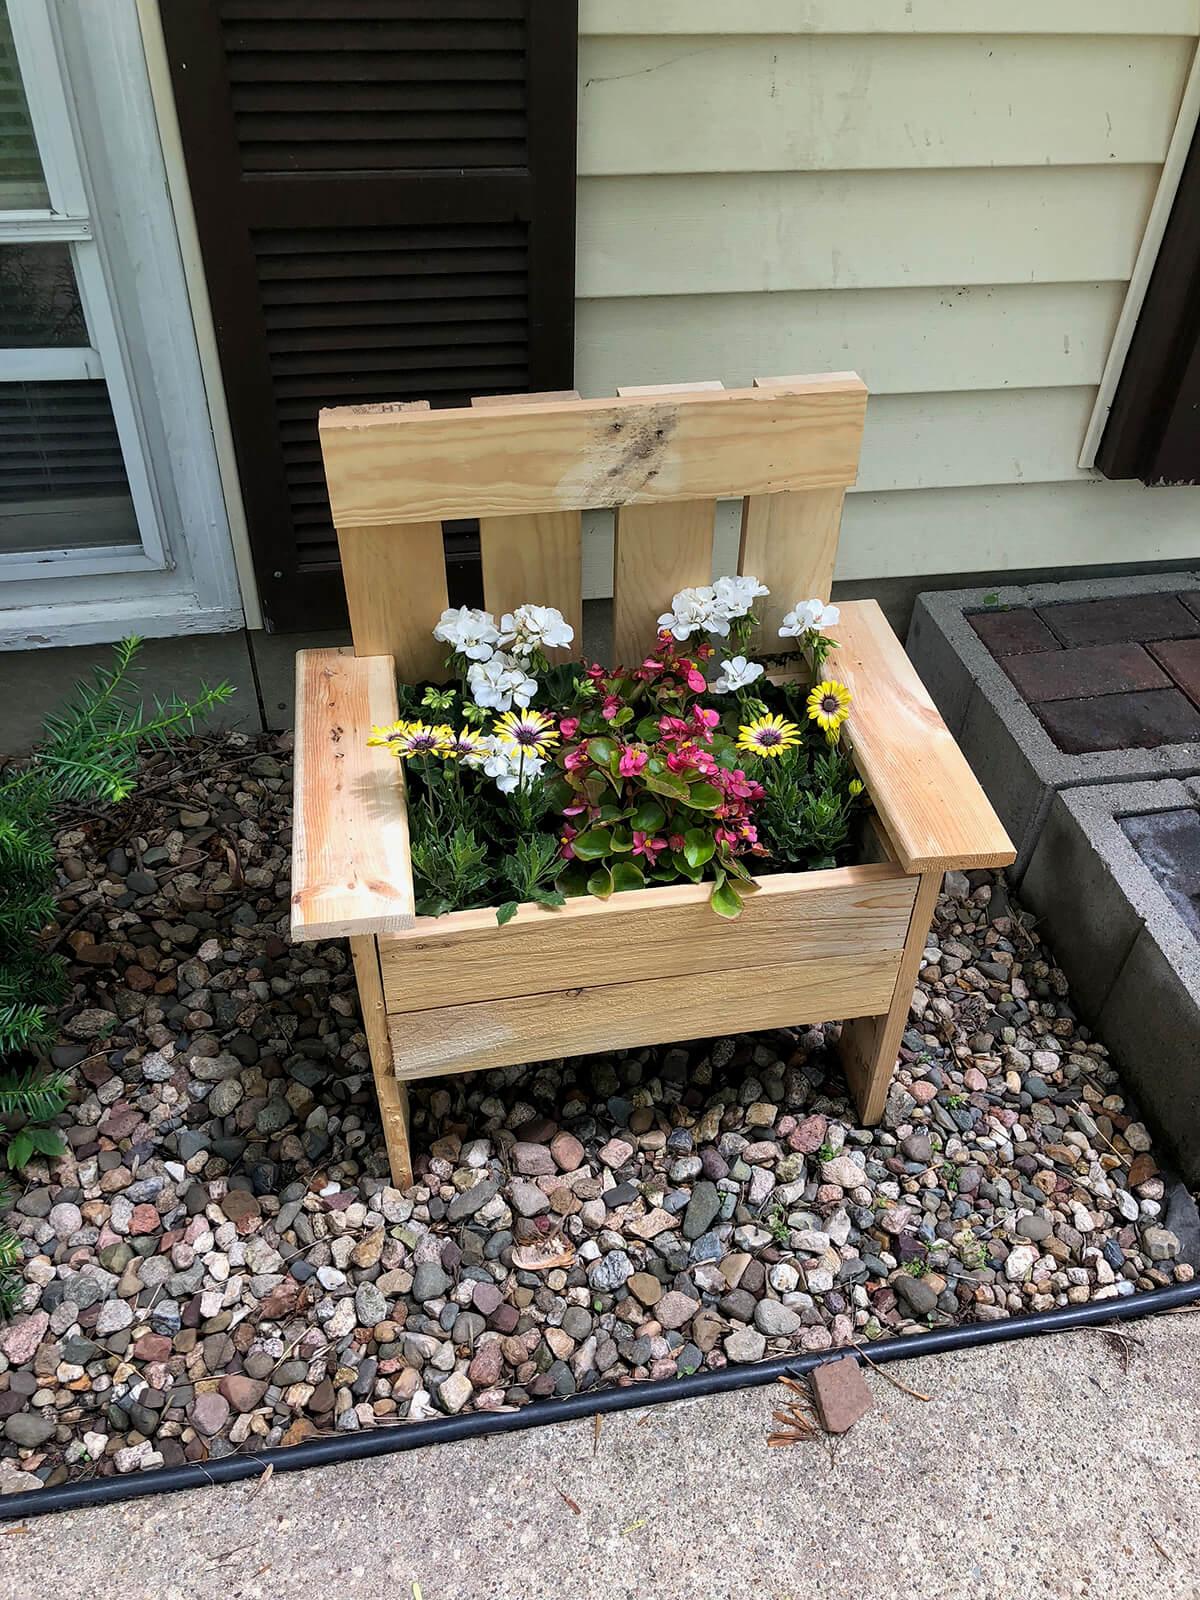 An Adorable Handmade Wooden Chair Planter